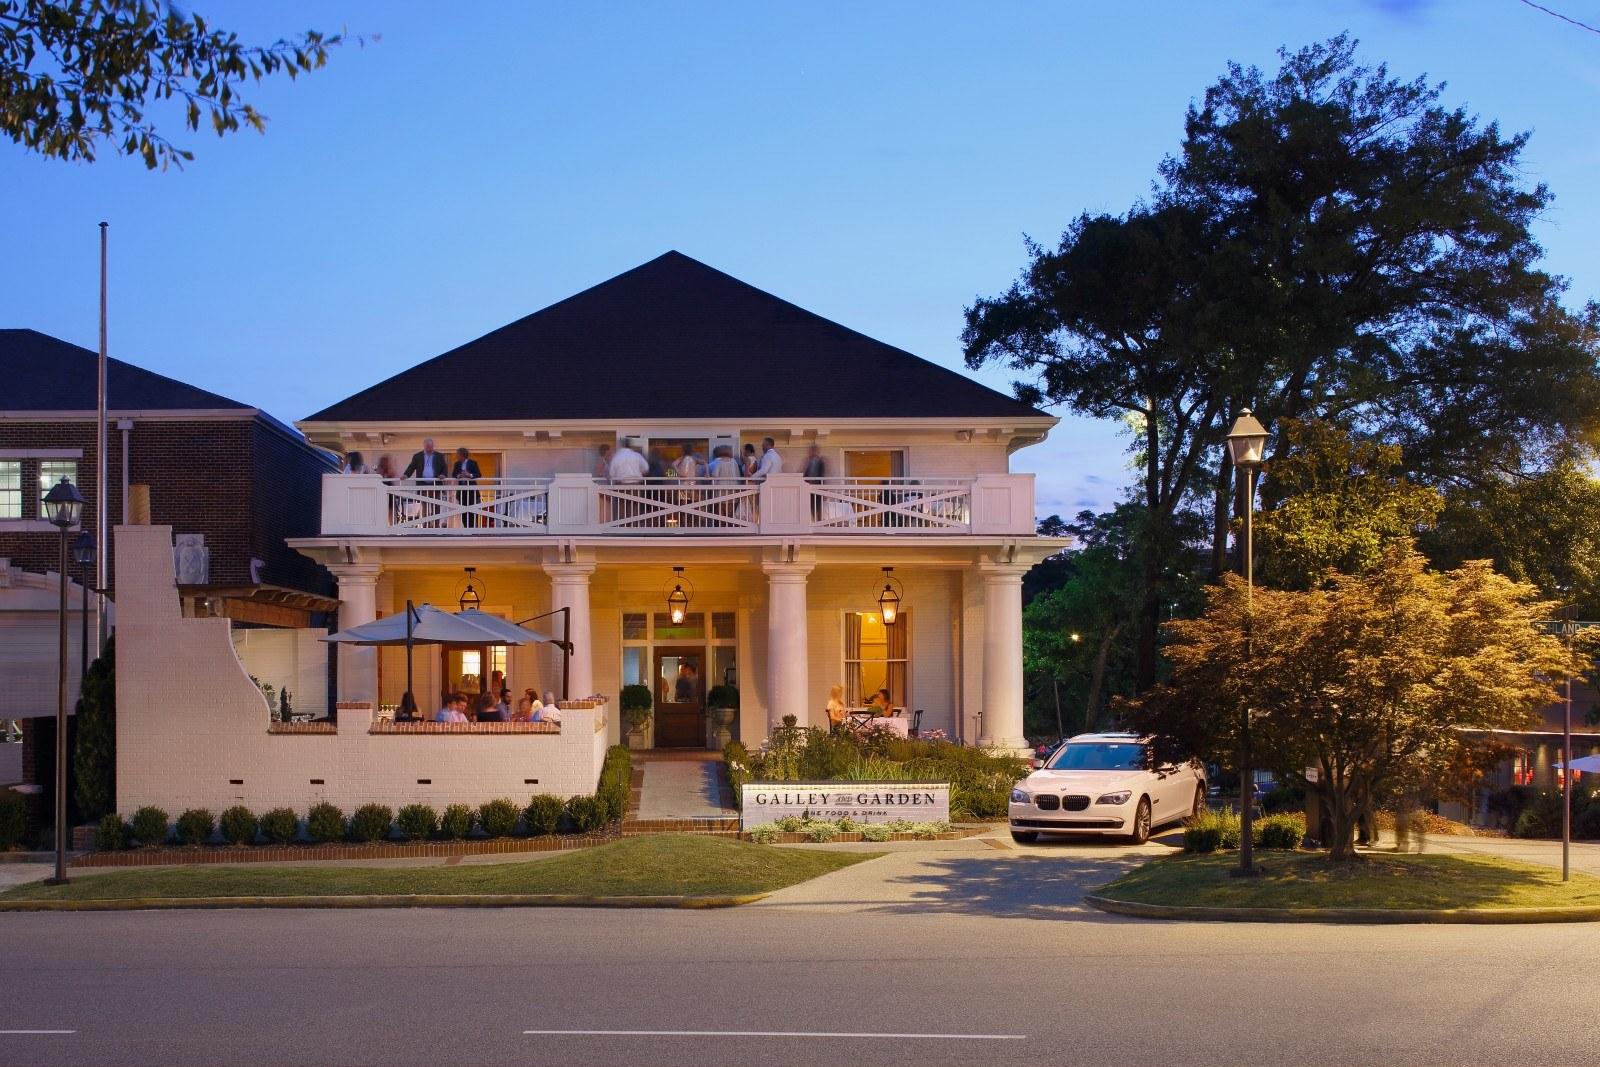 Galley Garden Restaurant Birmingham Al Jeffrey Dungan Architects